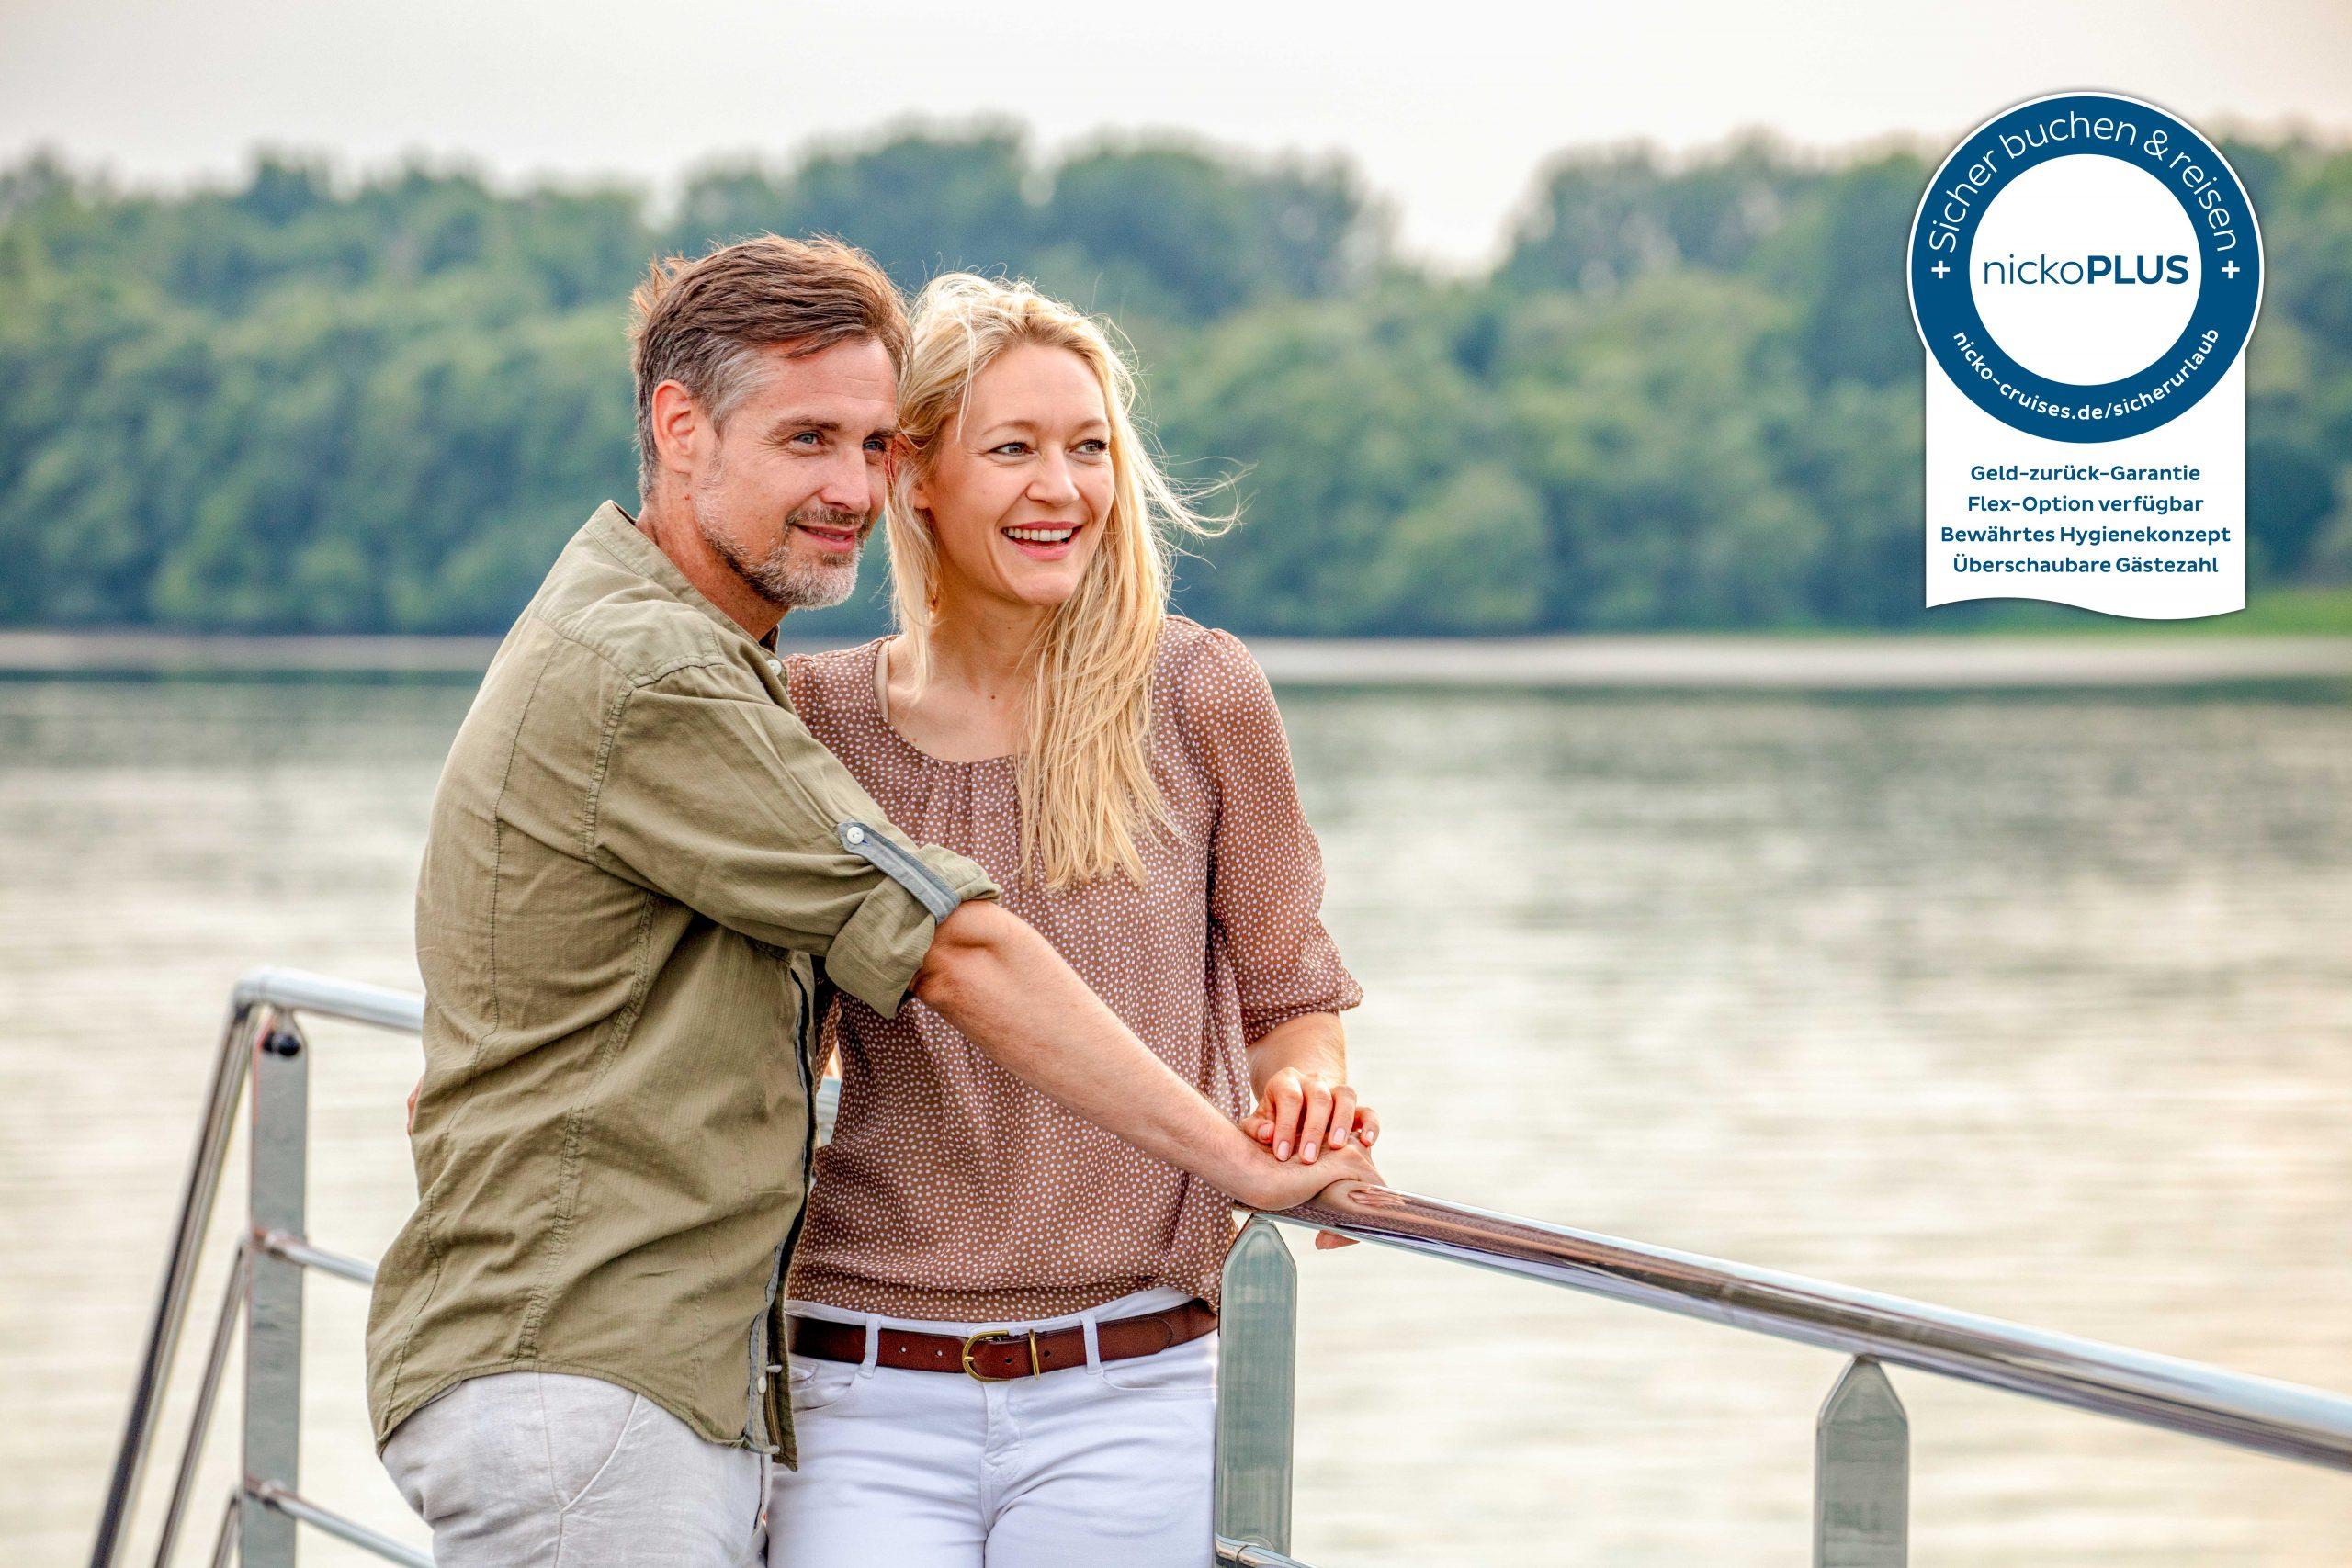 Ein medizinischer Rundum-Service auf dem Fluss und auf hoher See soll Gästen bei nicko cruises das Reisen so sicher wie irgendmöglich machen